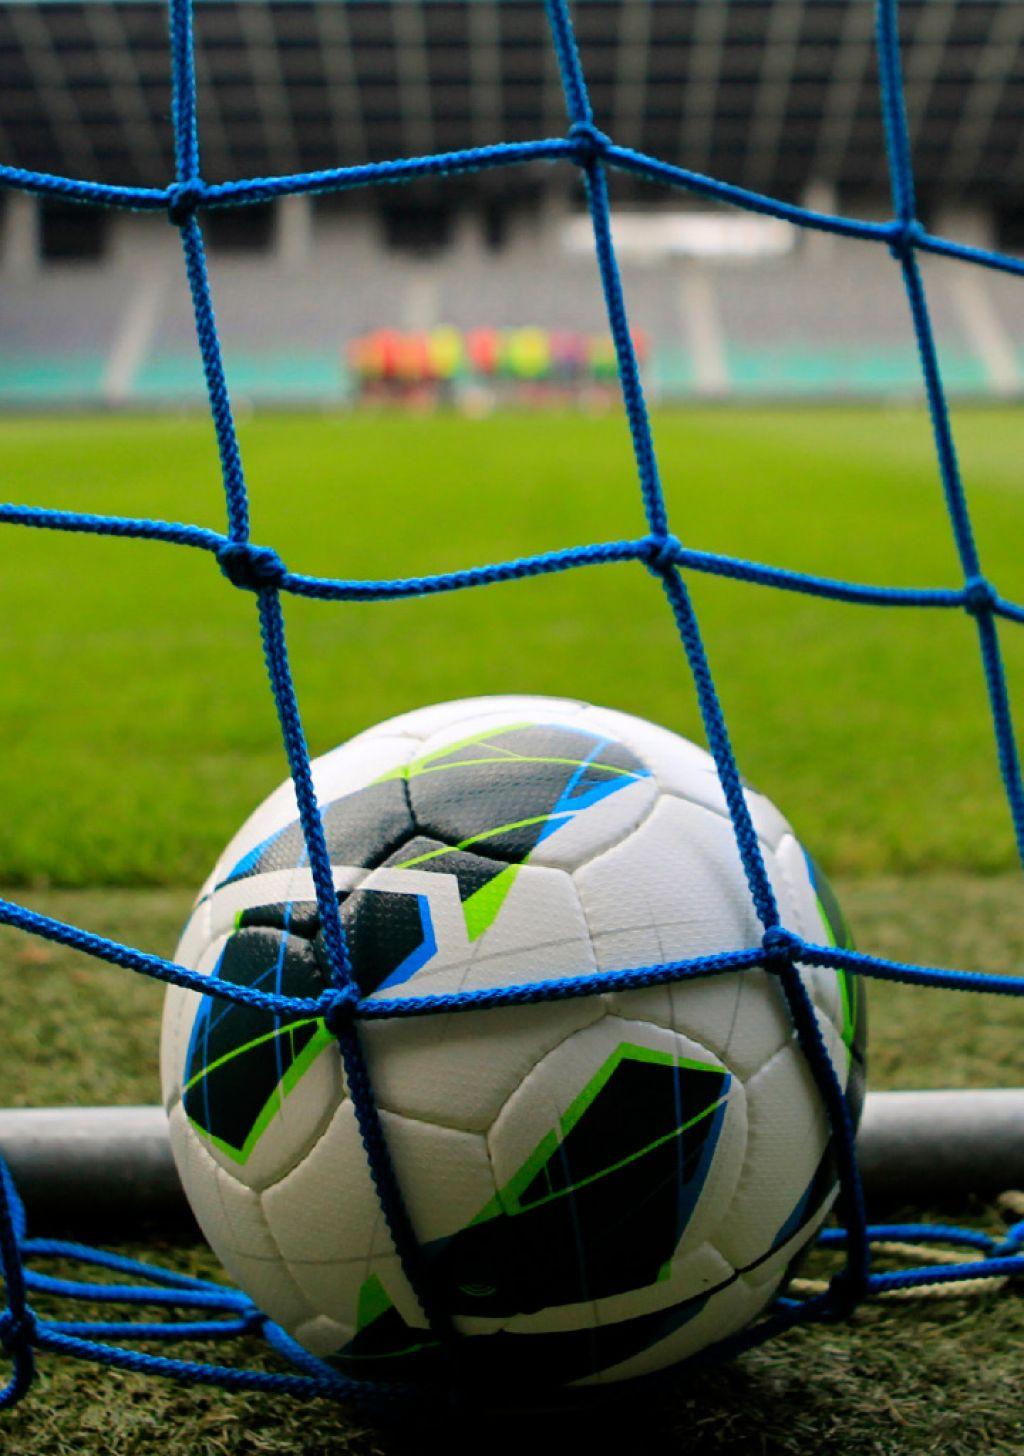 Nogometašice kvalifikacije za SP začele z zmago